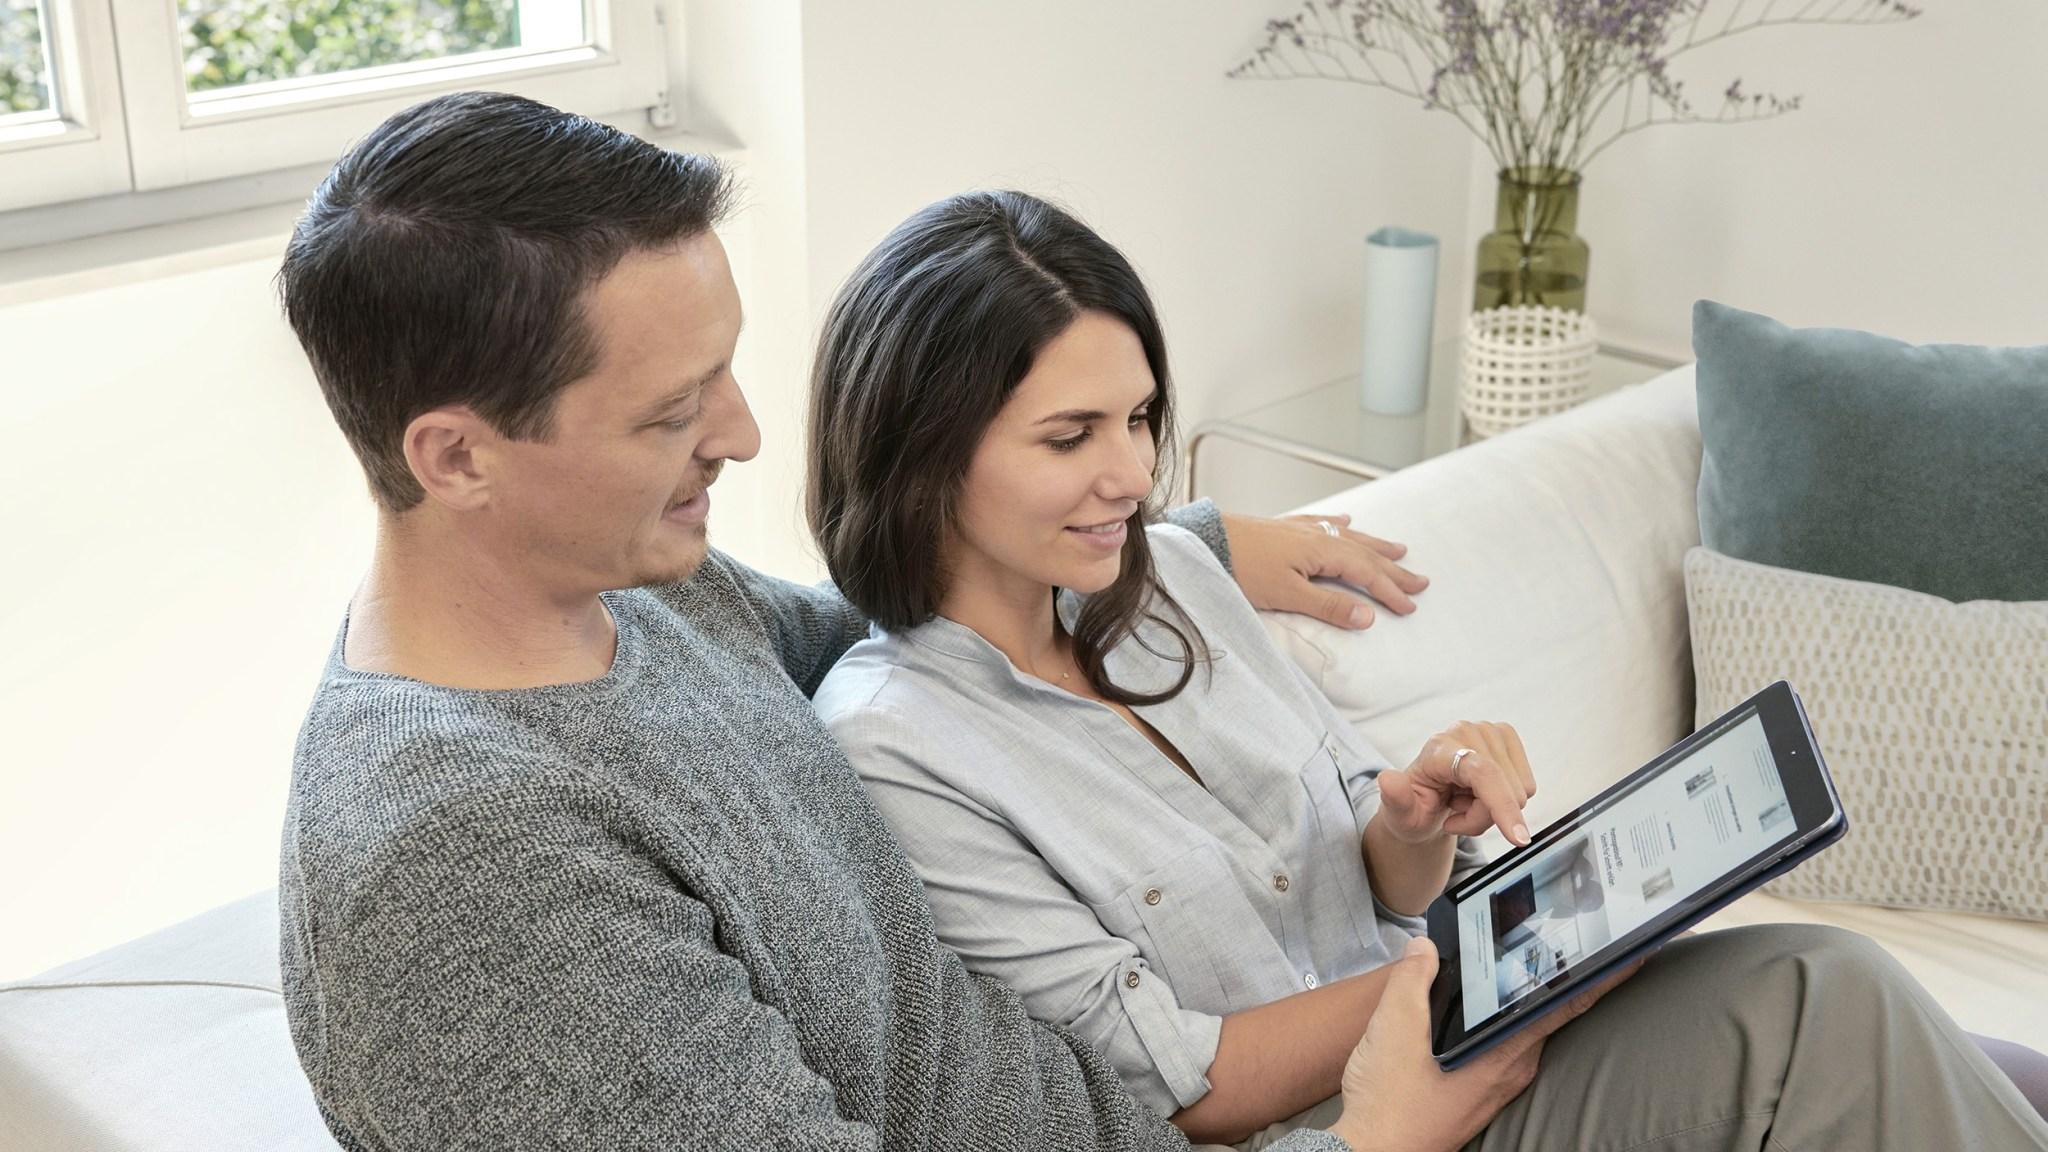 Jeune couple assis ensemble sur un canapé regardant le site web 4B sur une tablette.